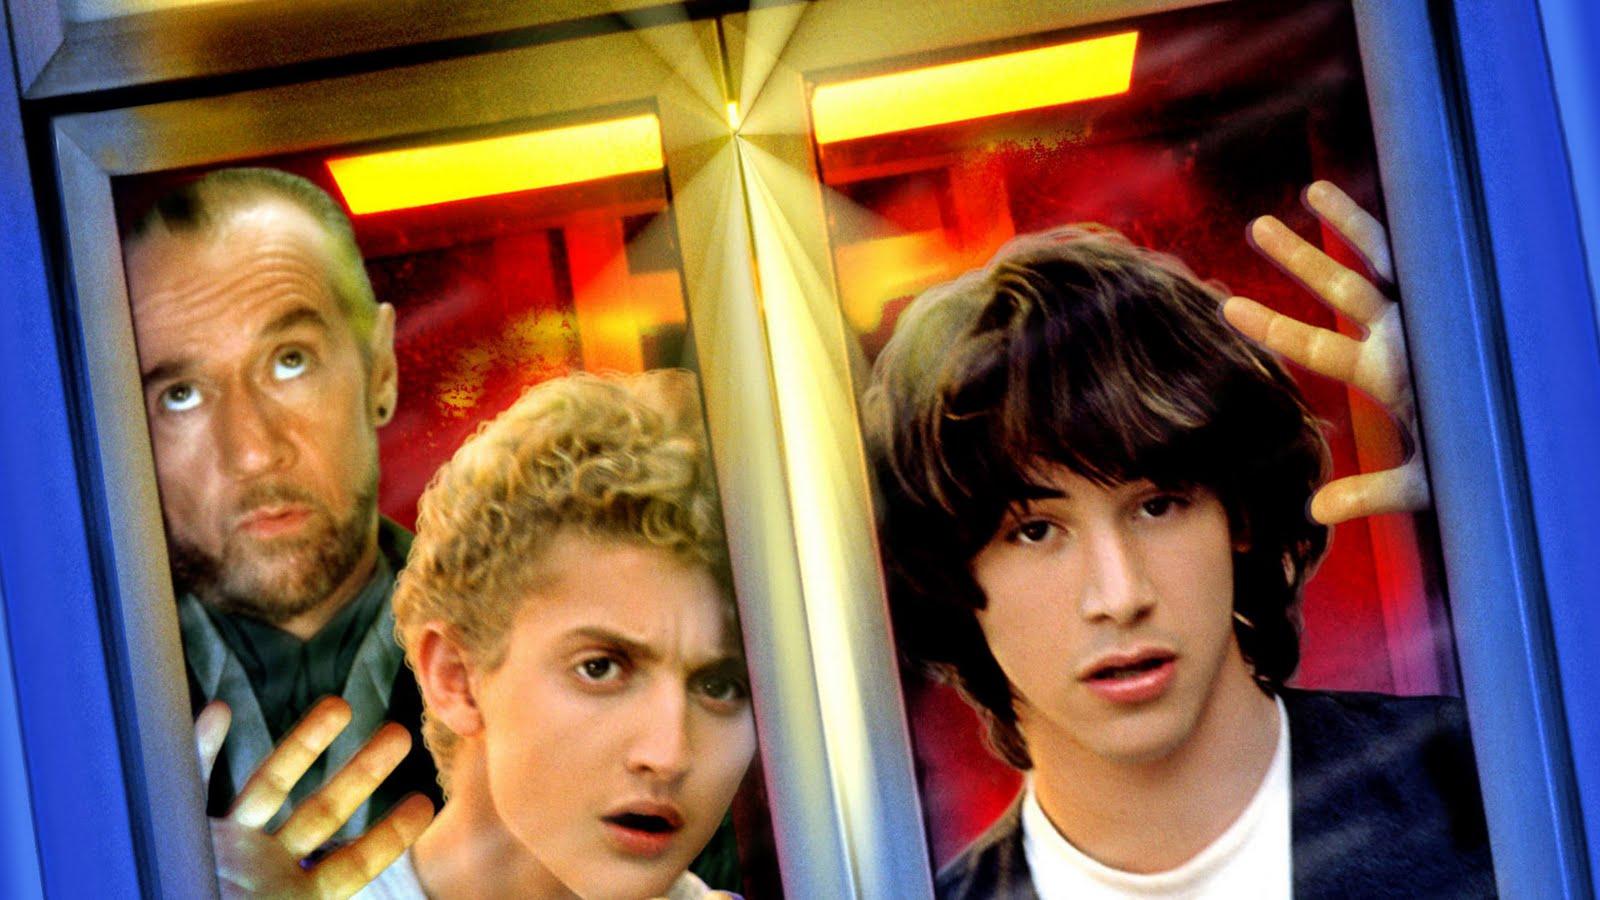 Filmes De Comedia Dos Anos 80 pertaining to sala zero: 10 melhores filmes de viagem no tempo [de todos os tempos]